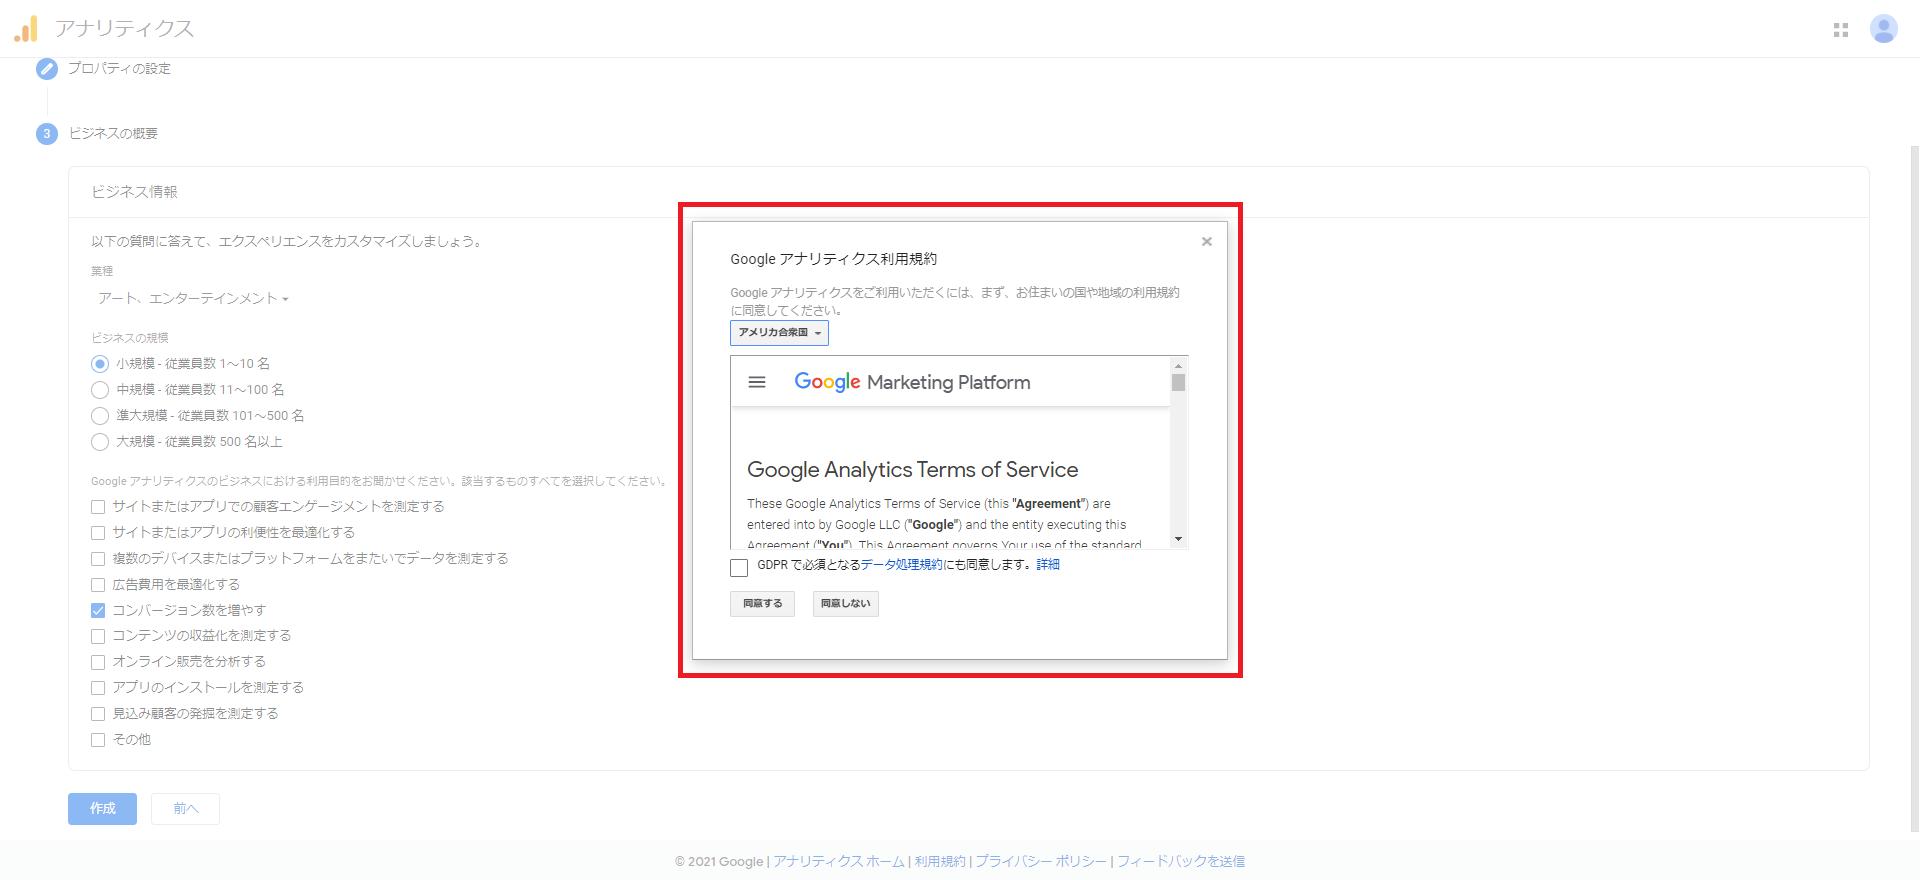 Googleアナリティクス利用規約ポップアップ